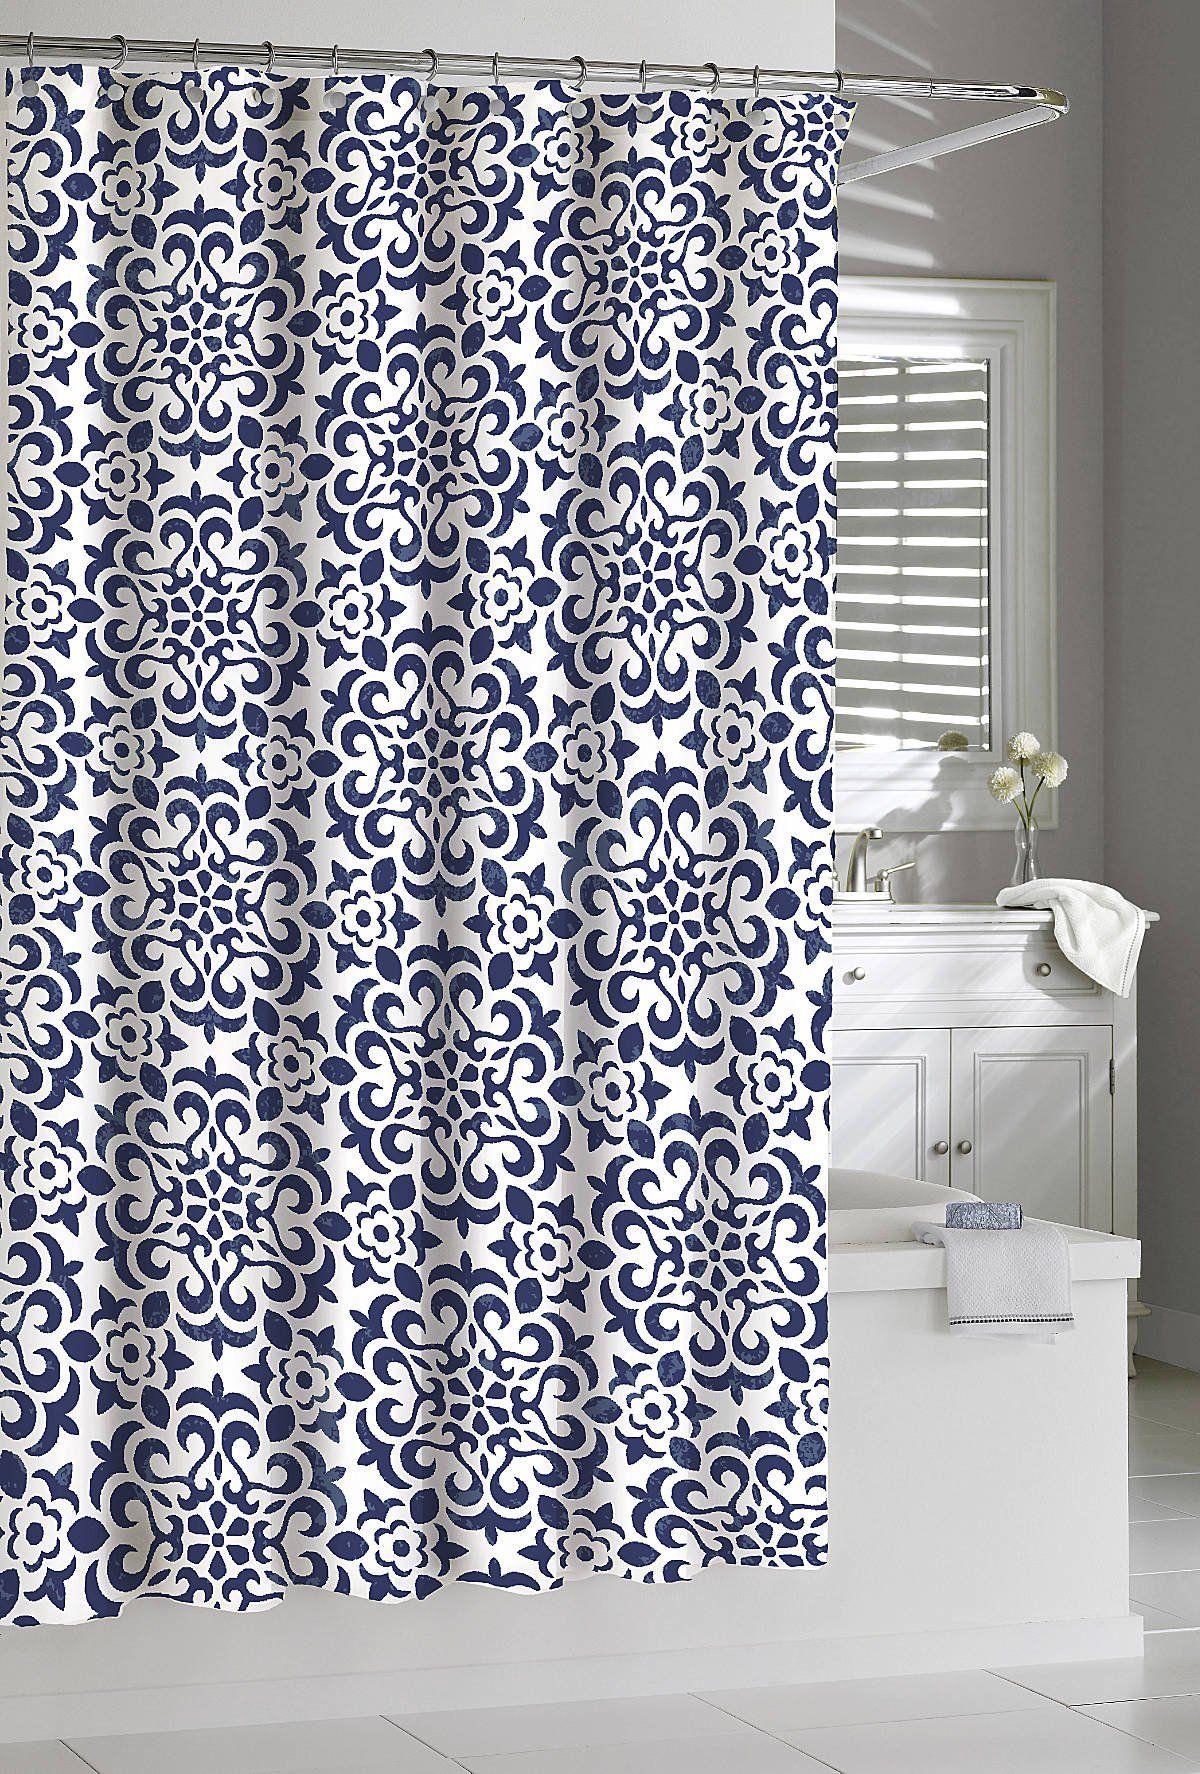 shower curtain kassatex navy white